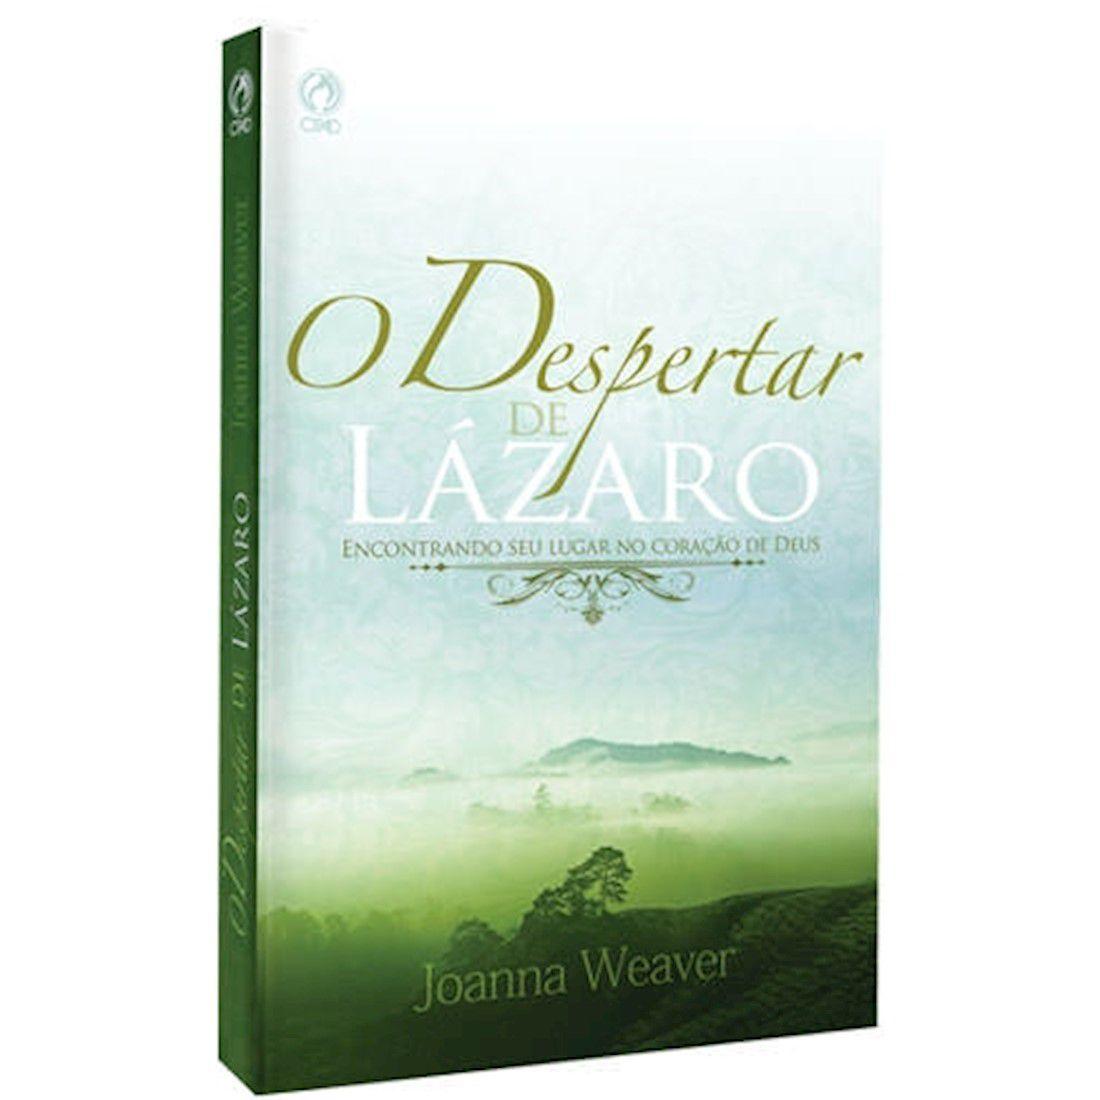 Livro O Despertar de Lázaro